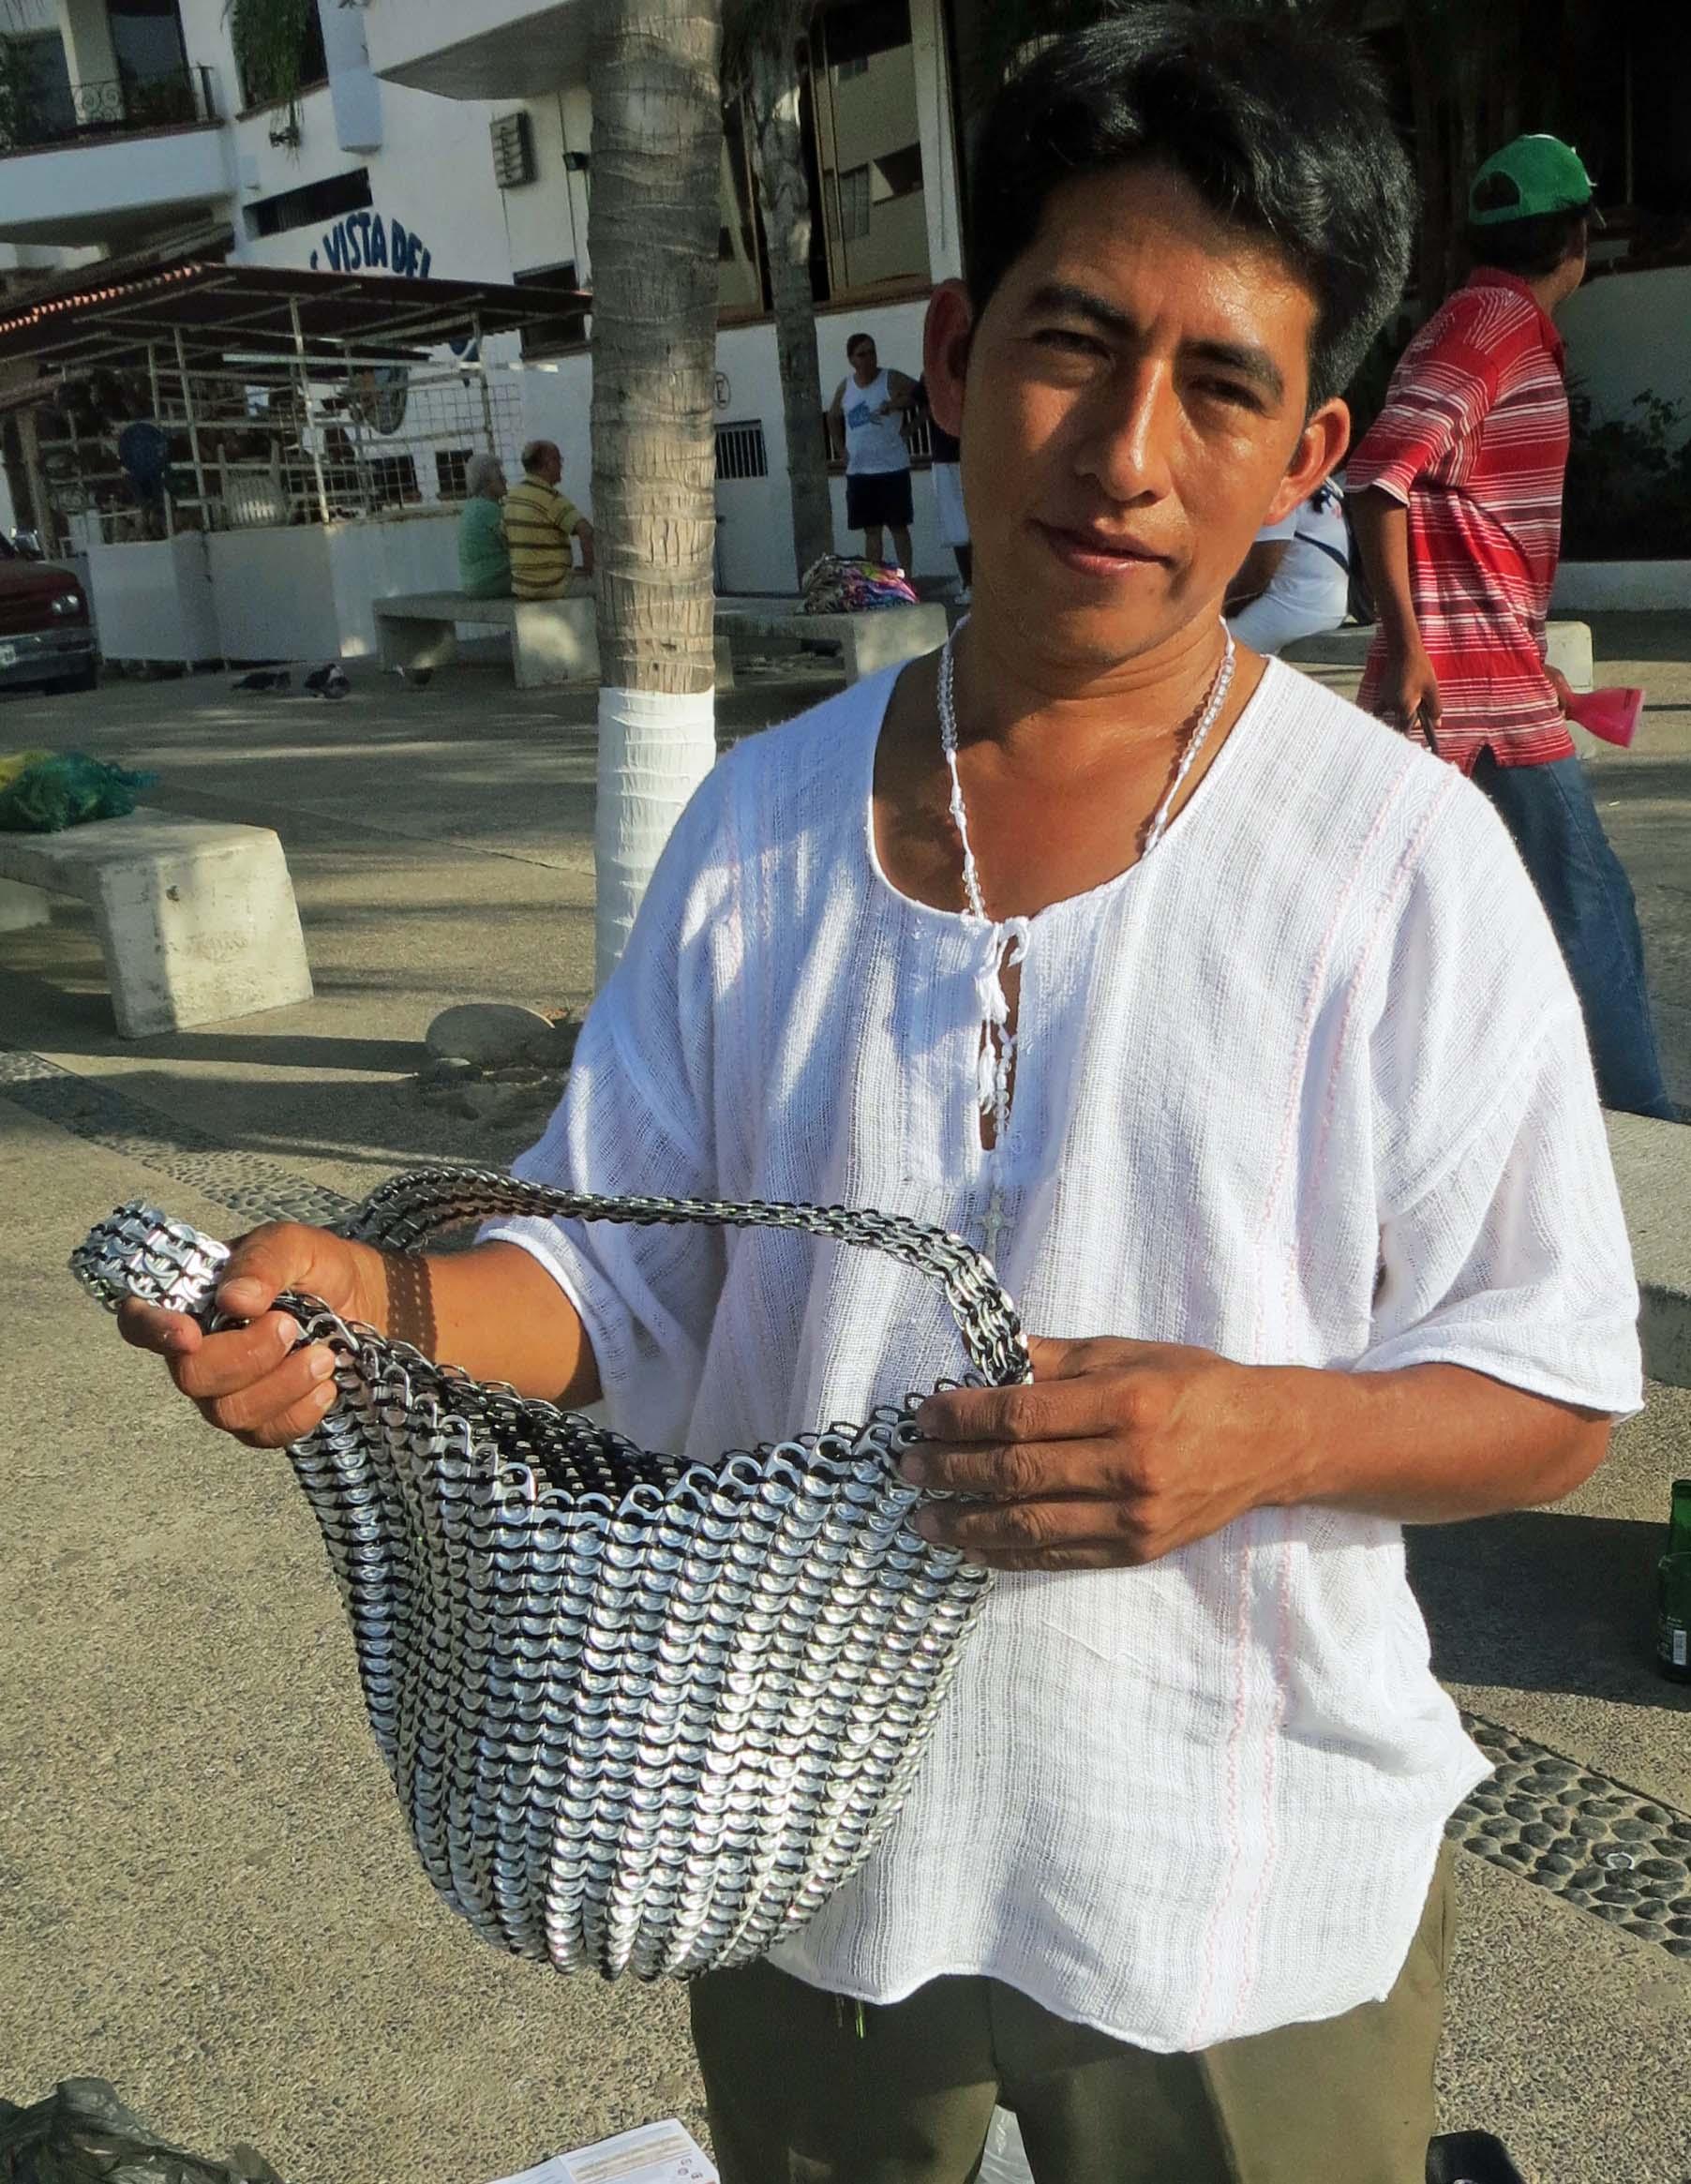 Puerto Vallarta craftsperson. Photo by Curtis Mekemson.